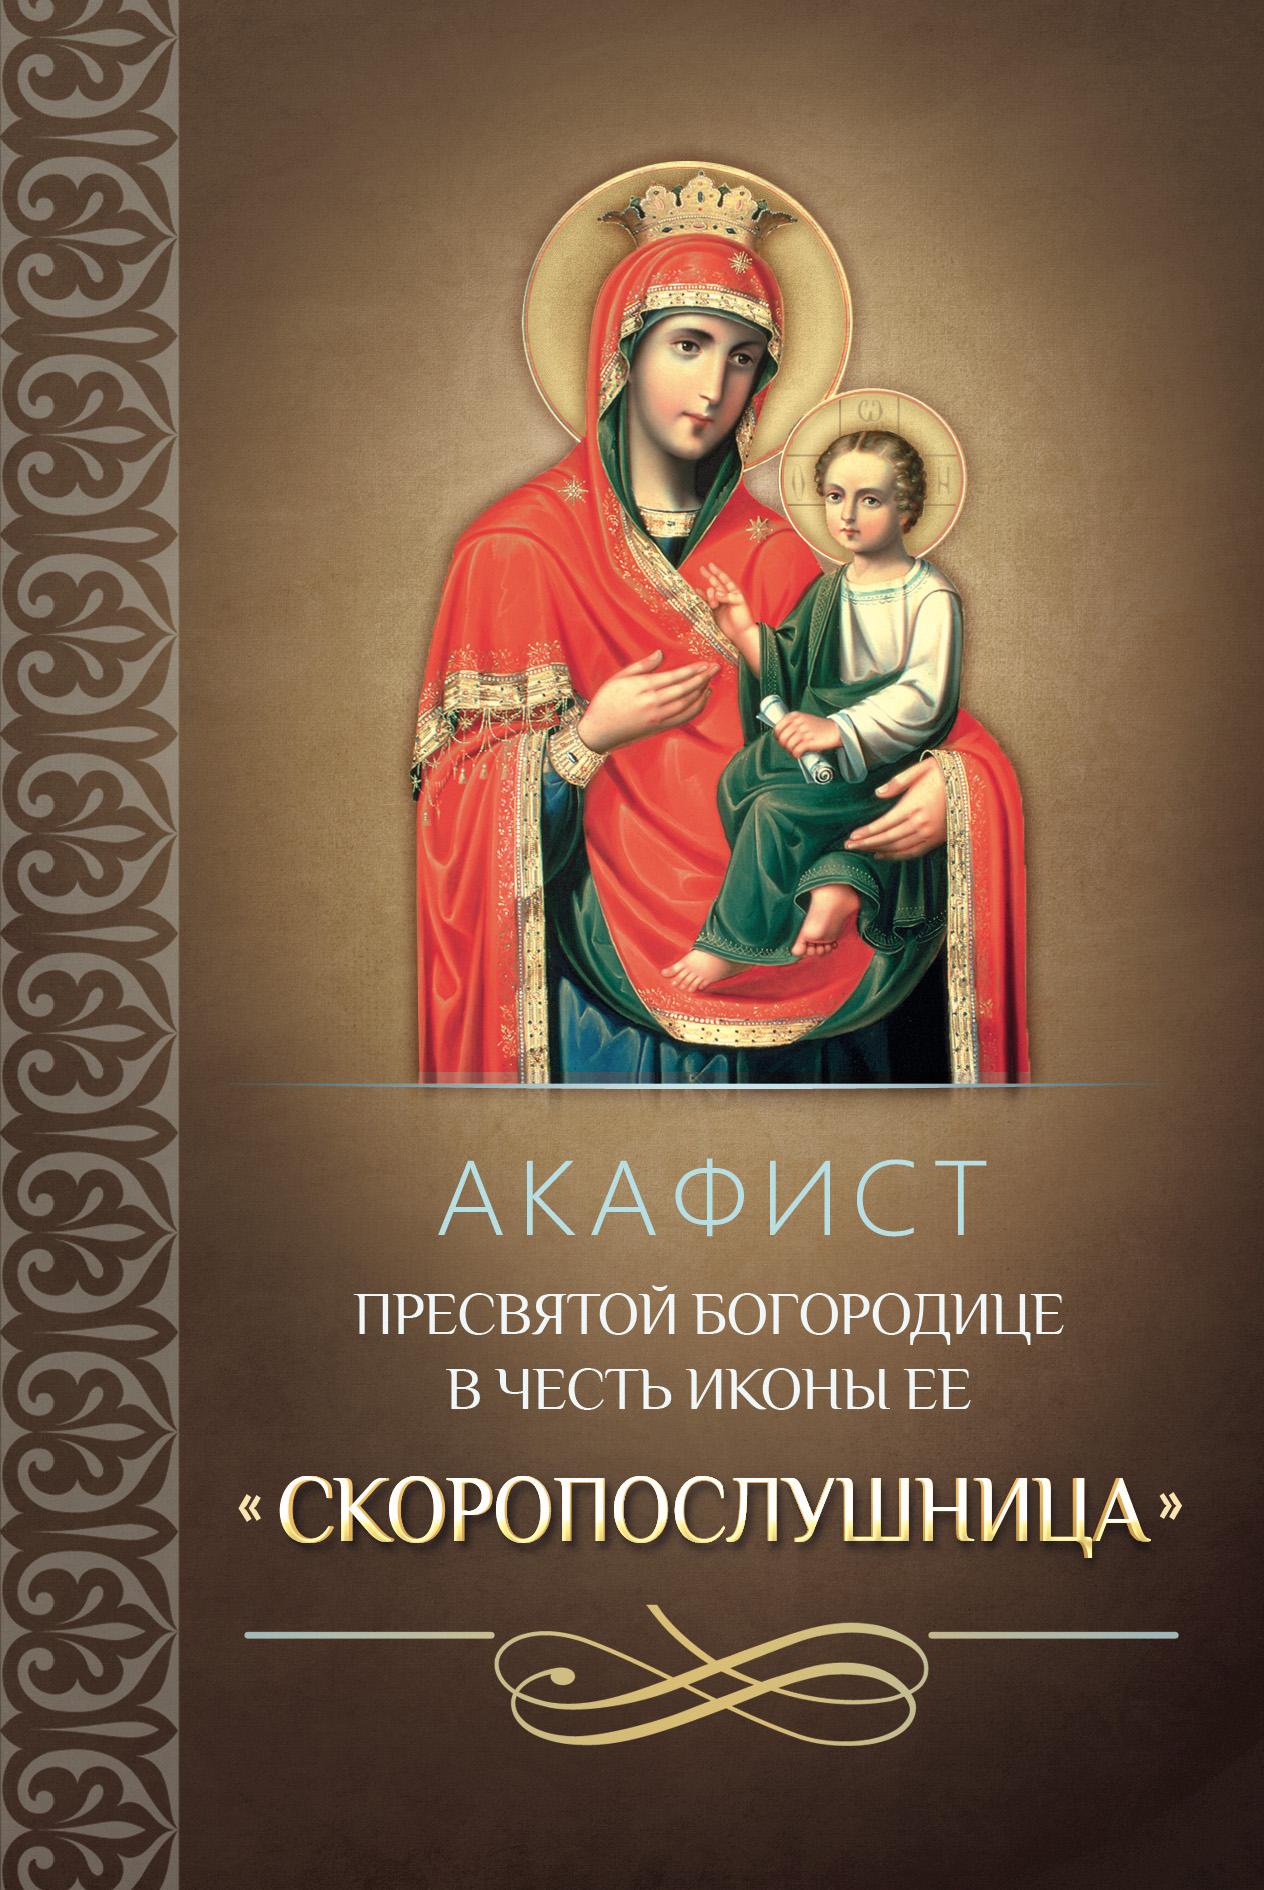 Сборник Акафист Пресвятой Богородице в честь иконы Ее «Скоропослушница»